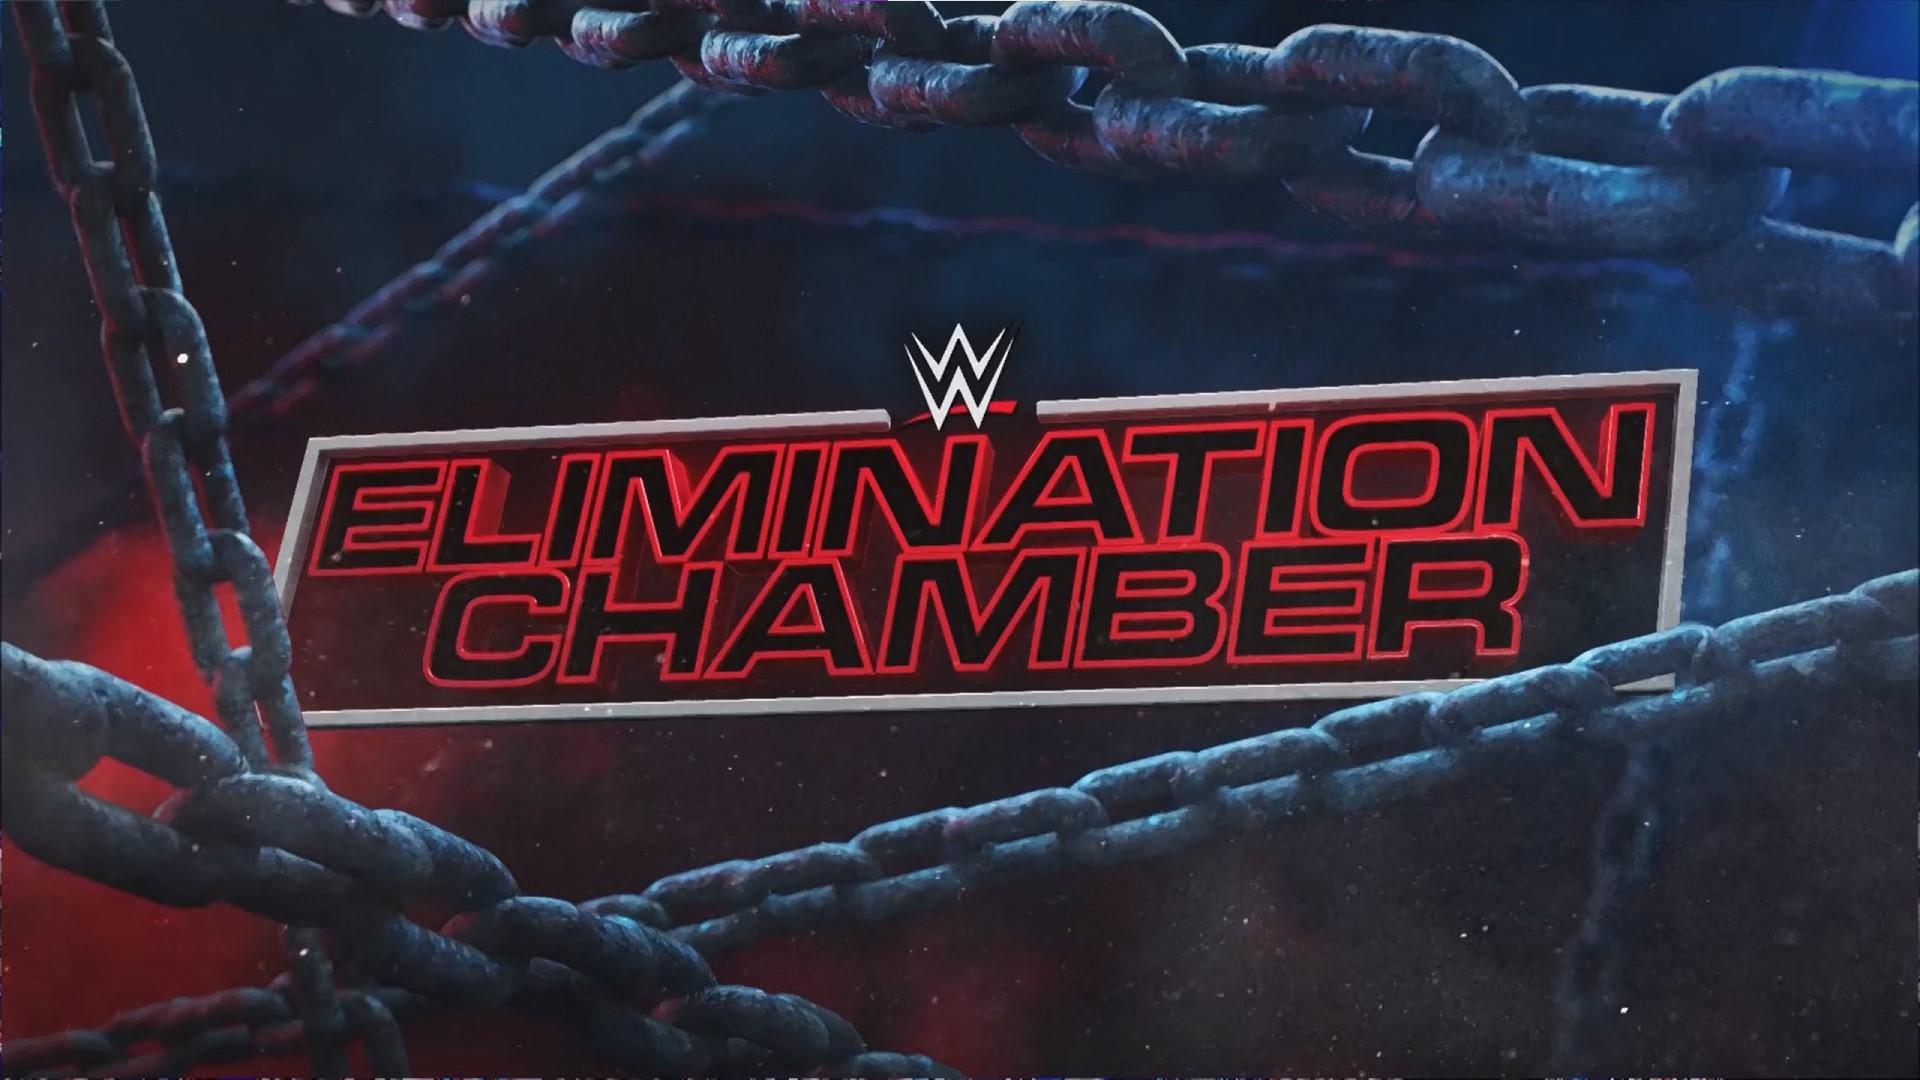 RISULTATI: WWE Elimination Chamber 2021